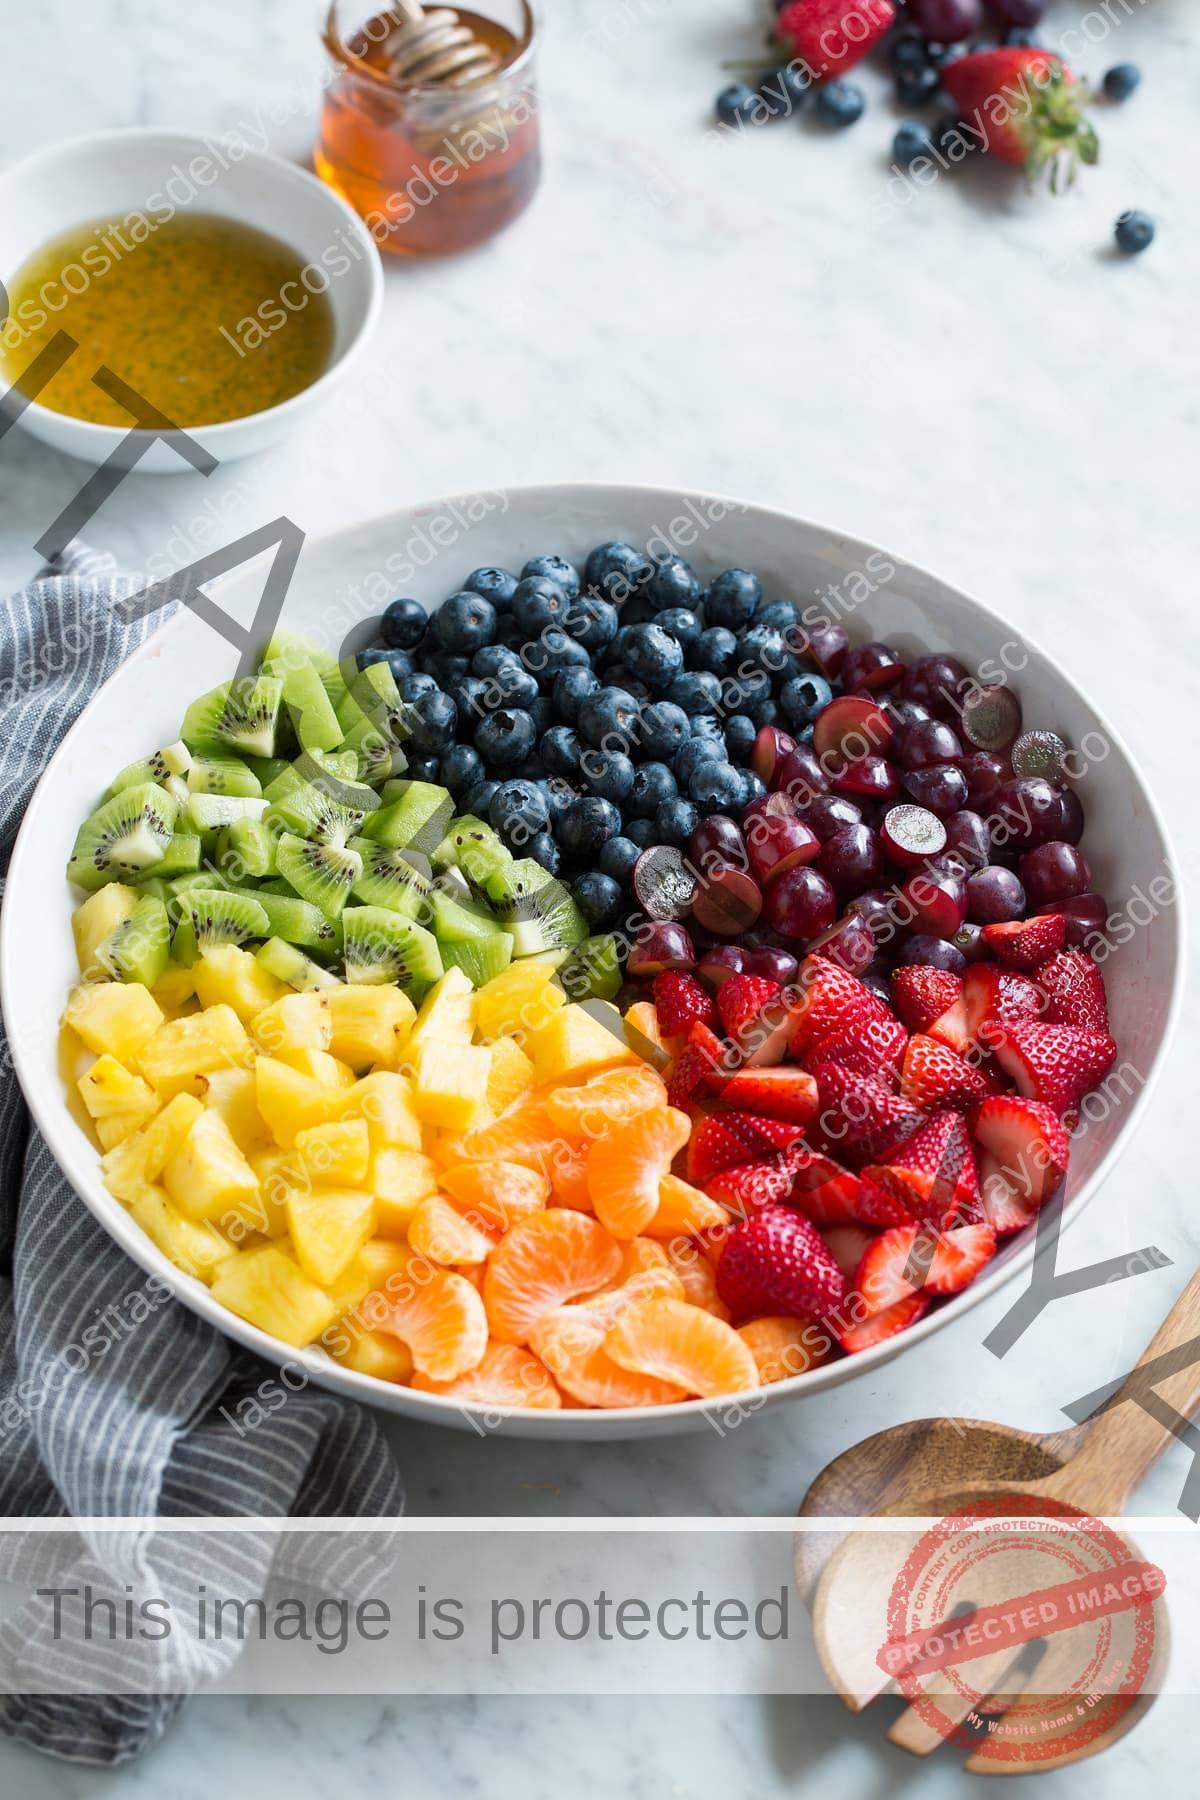 Fresas frescas, mandarina, piña, kiwi, arándano y uvas en secciones en un tazón blanco grande.